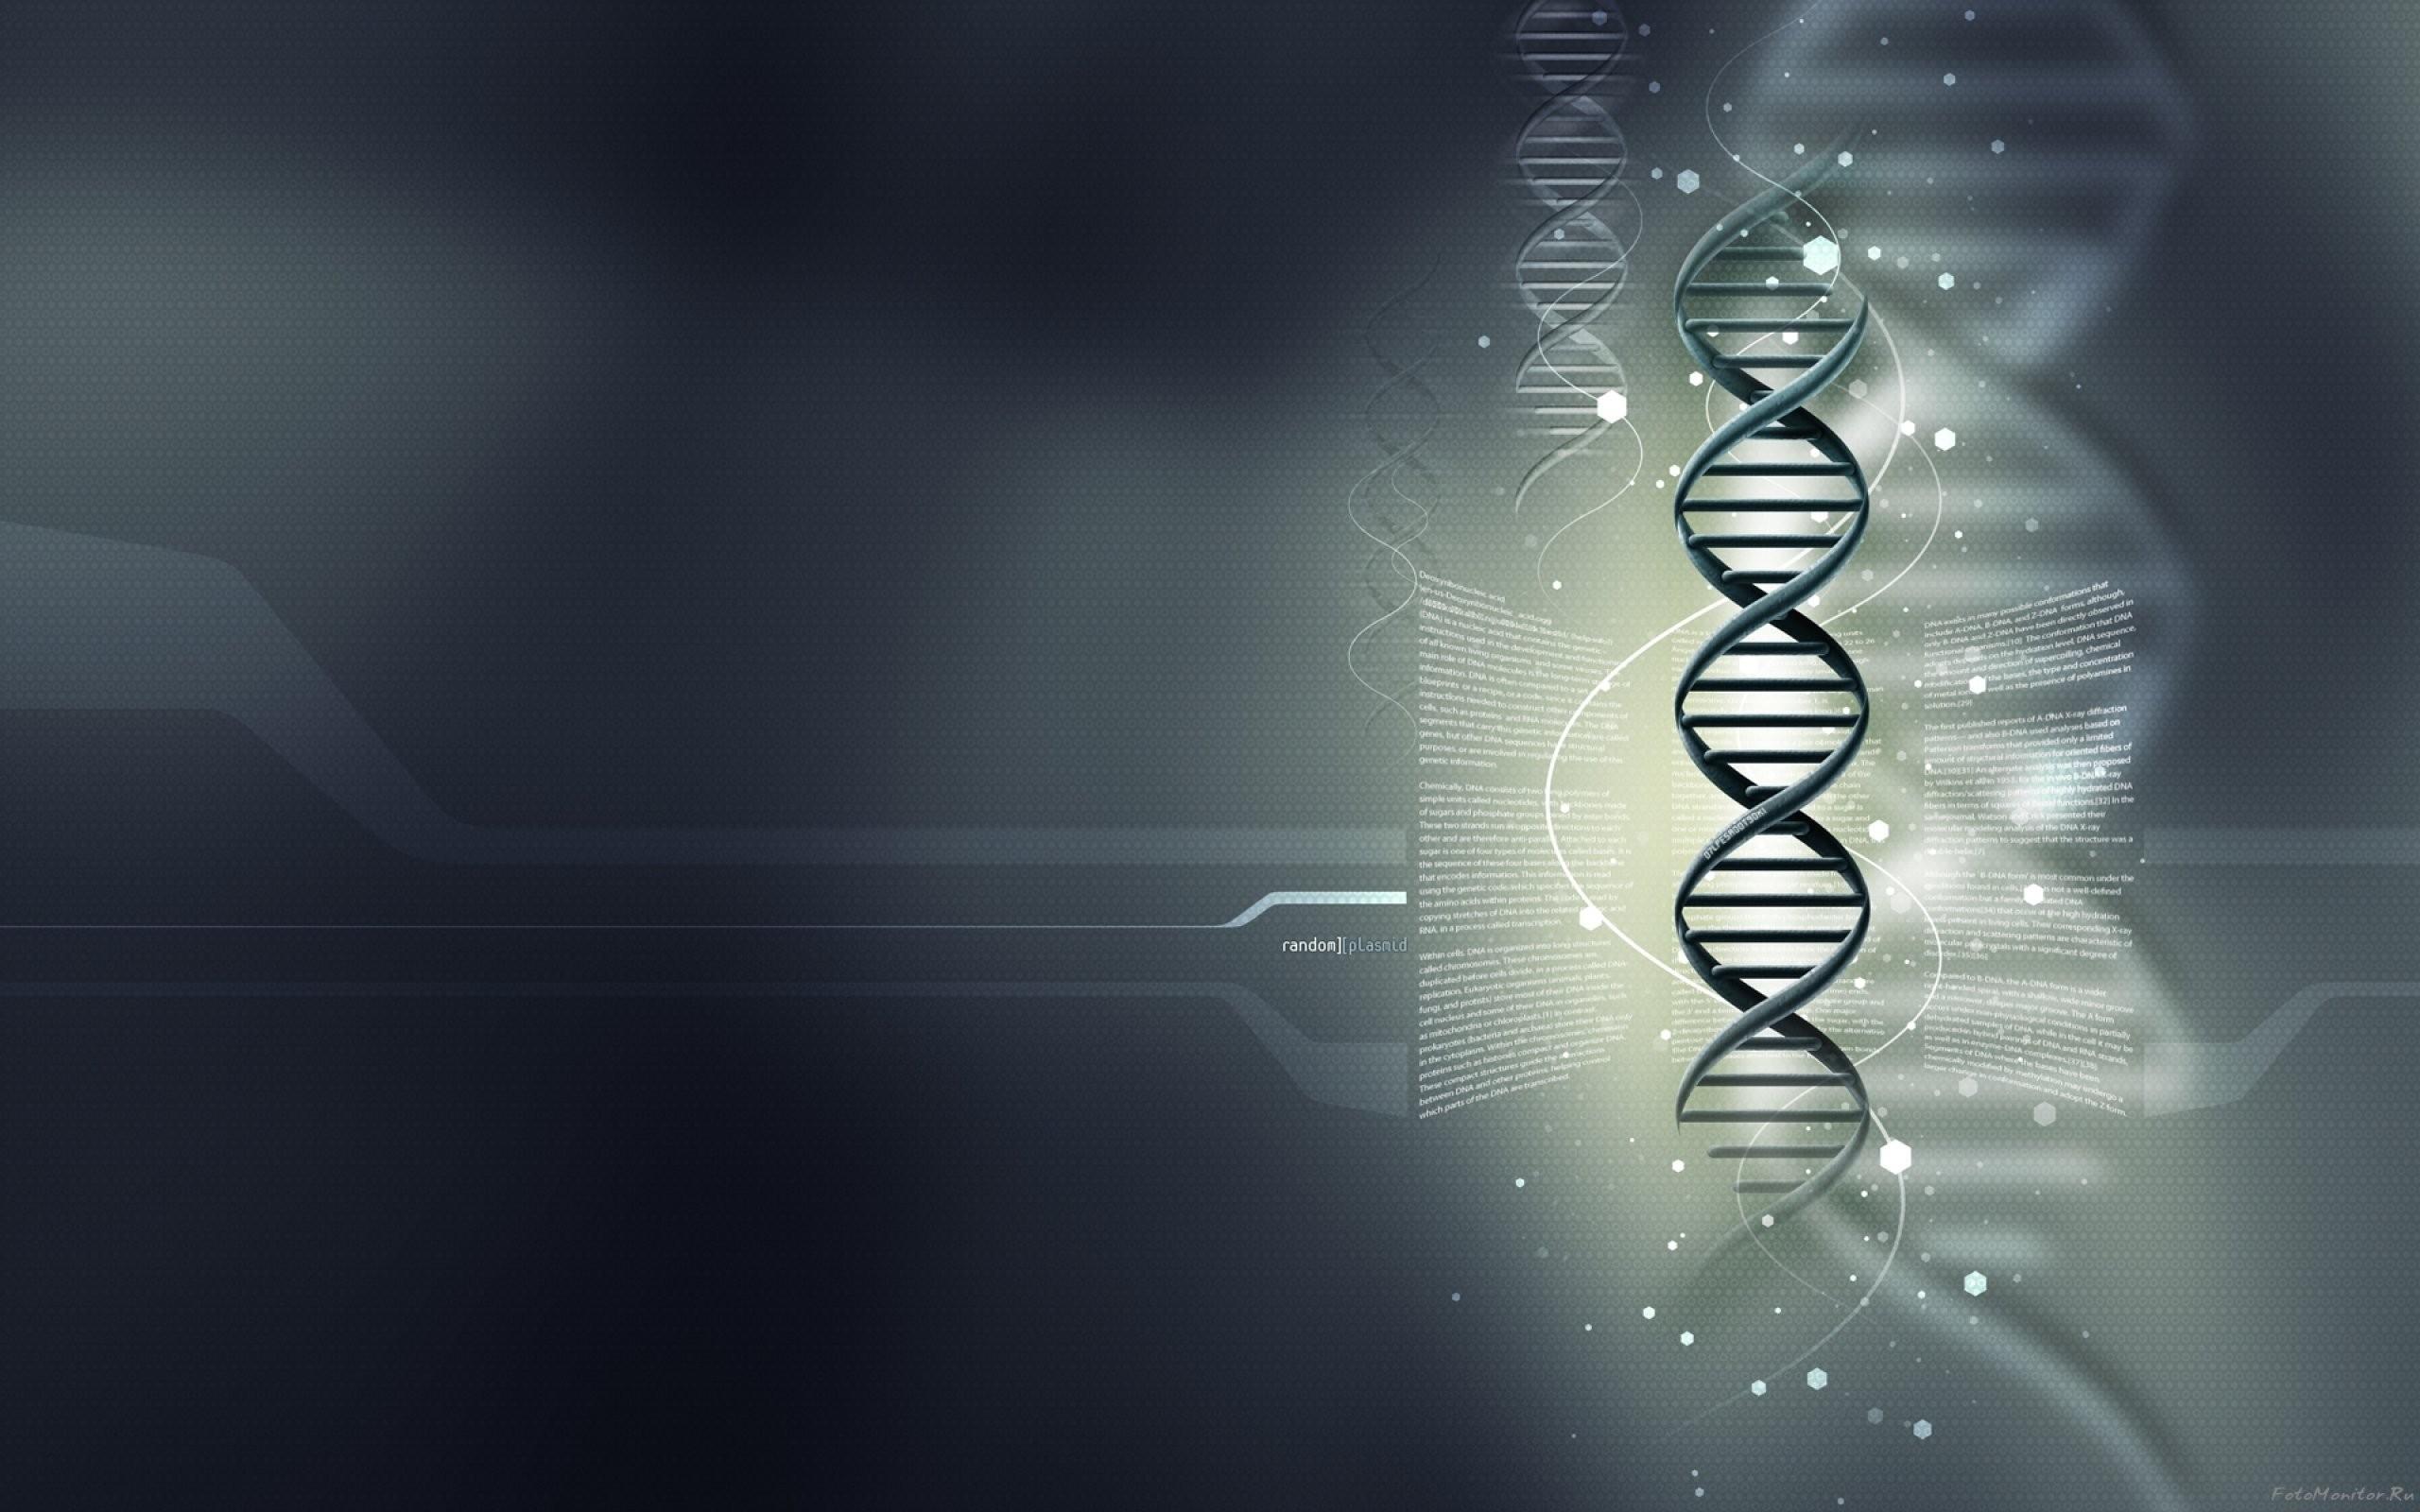 Sfondi arte digitale sfondo semplice riflessione for Sfondi chimica